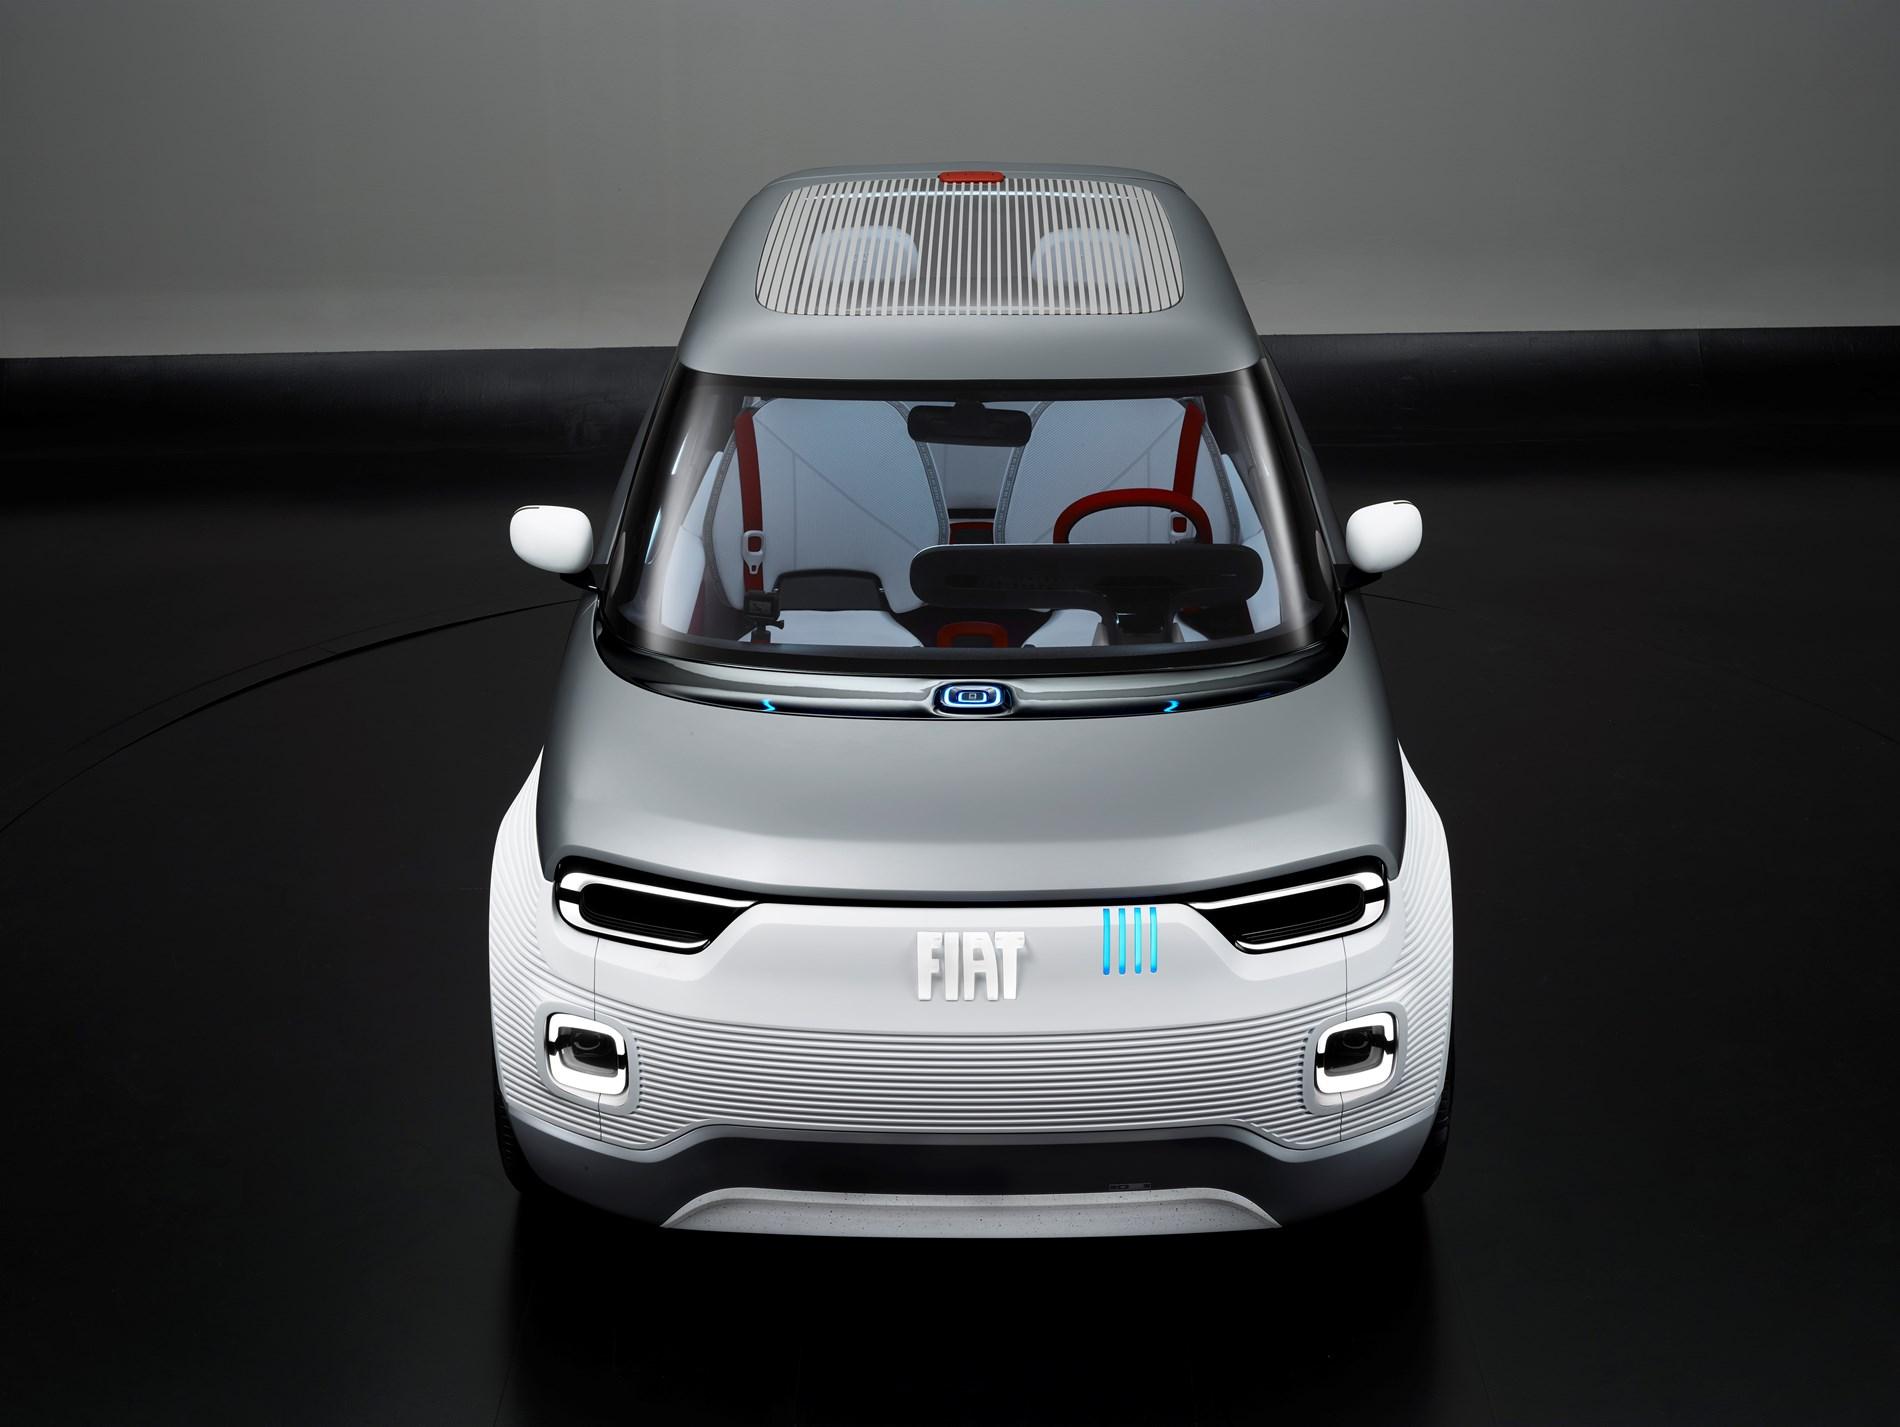 Fiat Centoventi verkozen tot « Best Concept Car of 2019 » door Car Design News - Gent Motors